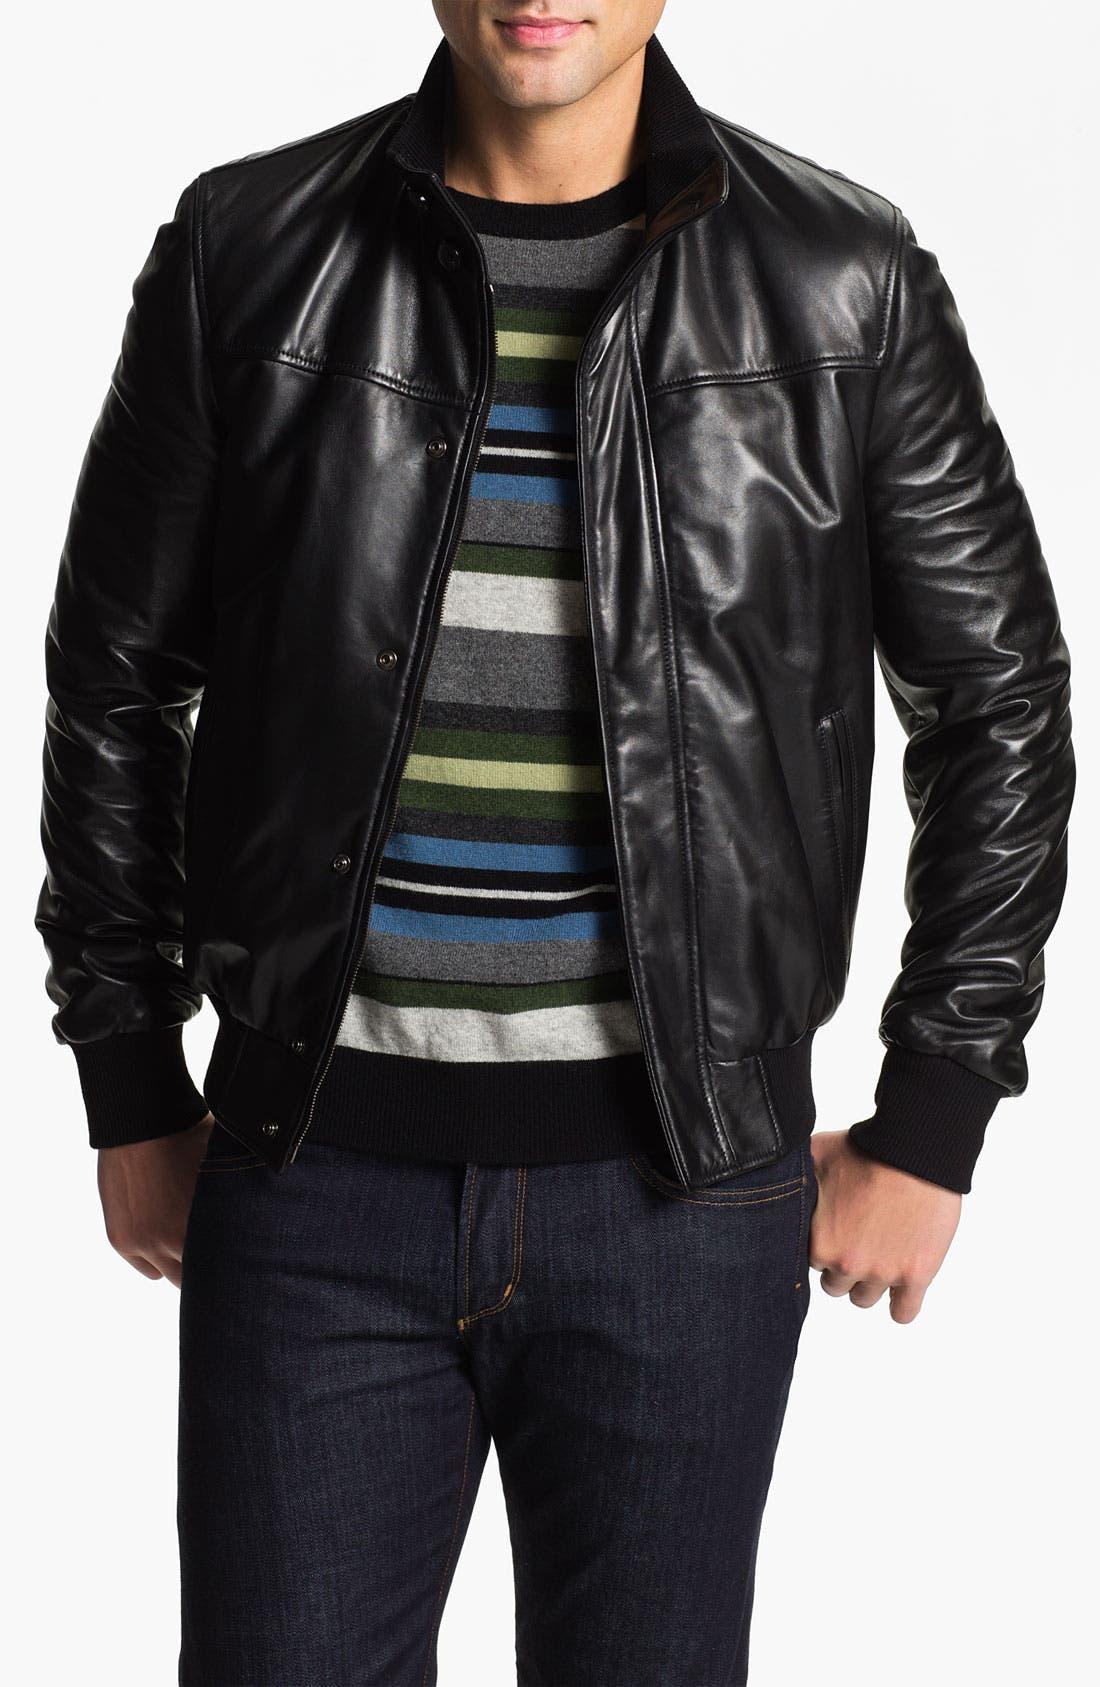 Main Image - Alex & Co. Leather Bomber Jacket